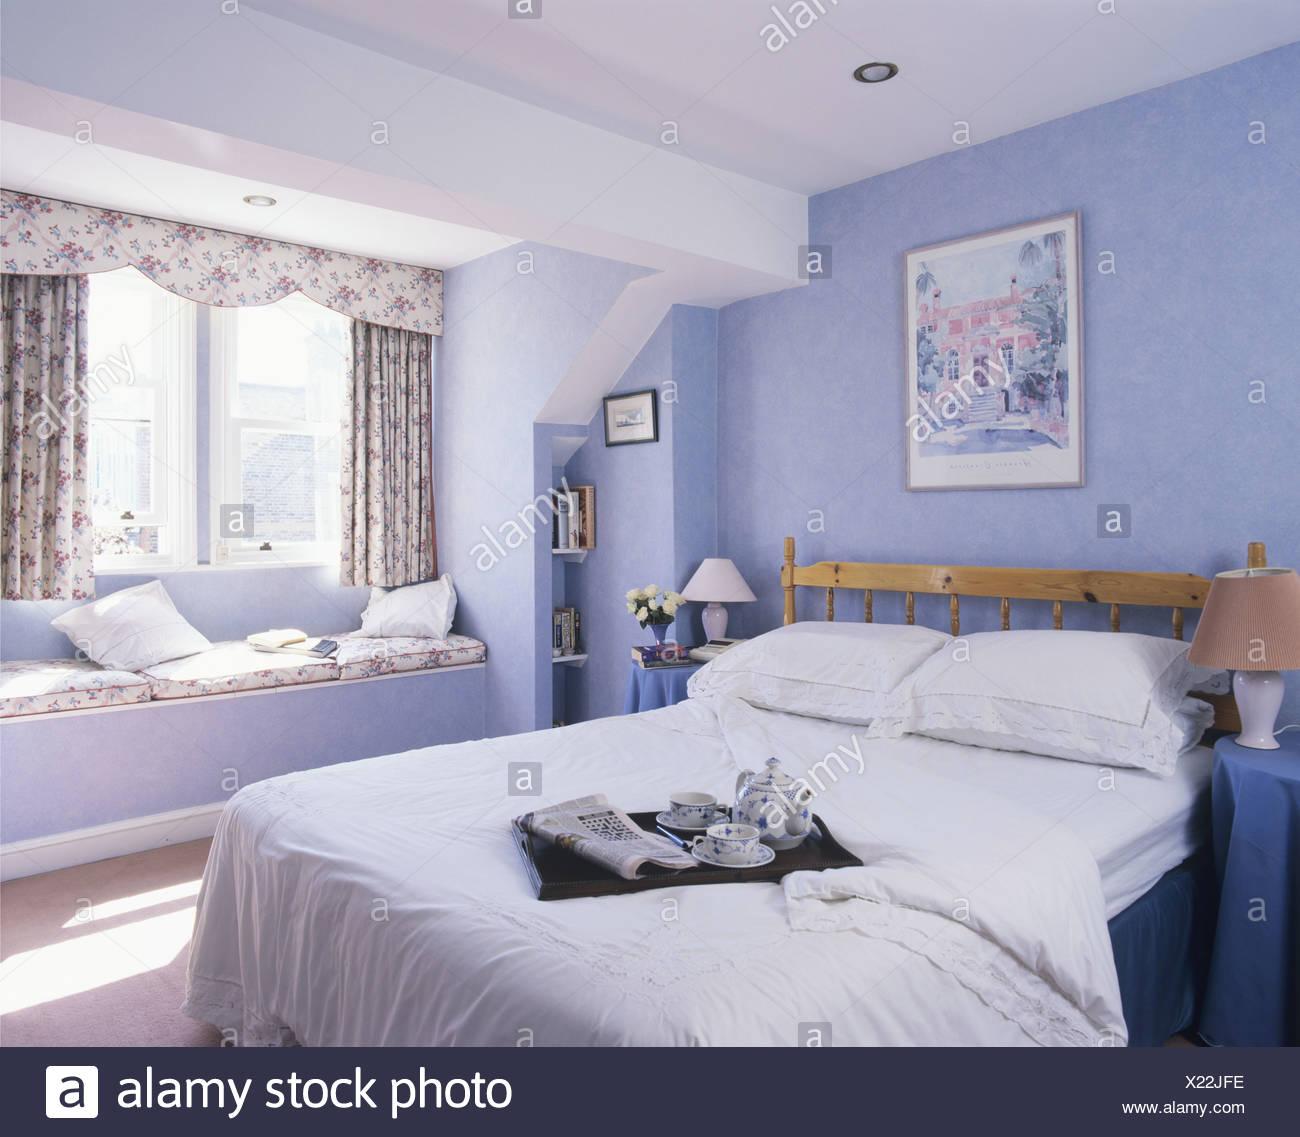 Lit Avec Couette Blanche Sur Plateau De Petit Déjeuner En Chambre Bleue  Pastel Avec Des Rideaux Et Des Sièges Fenêtre Confortable